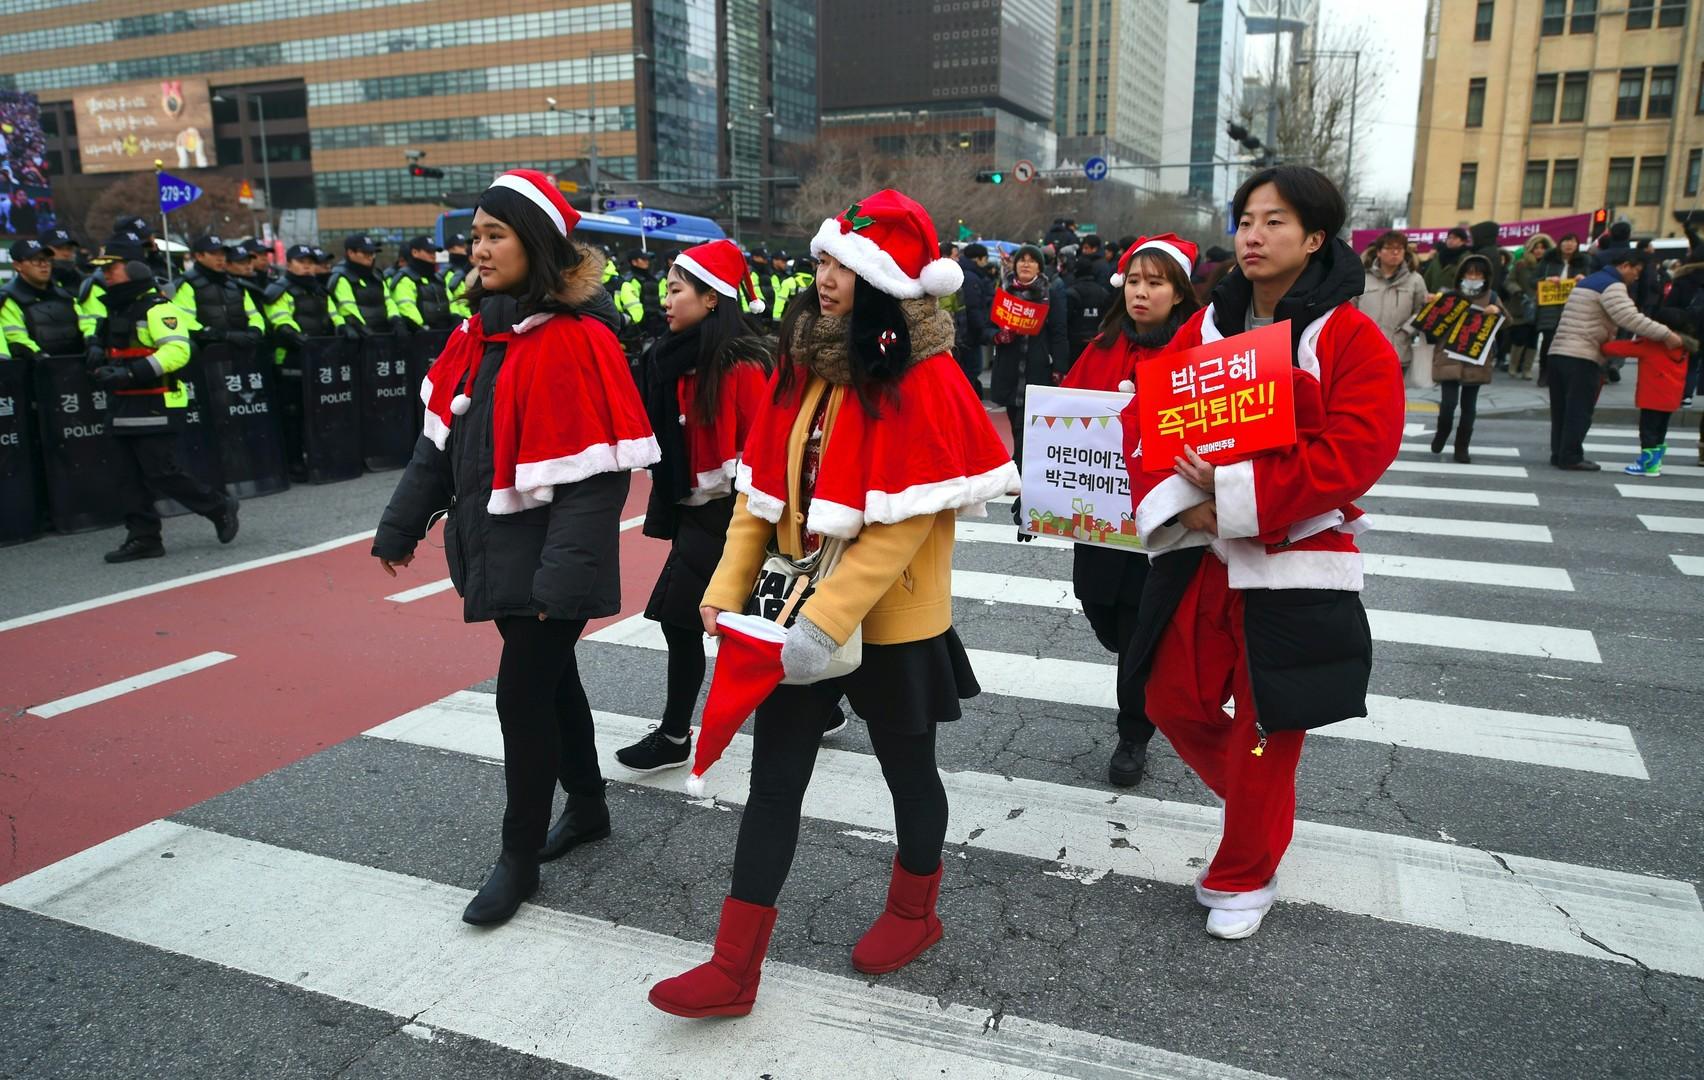 Corée du Sud : des «Pères Noël» manifestent contre la présidente Park Geun-hye (PHOTOS)